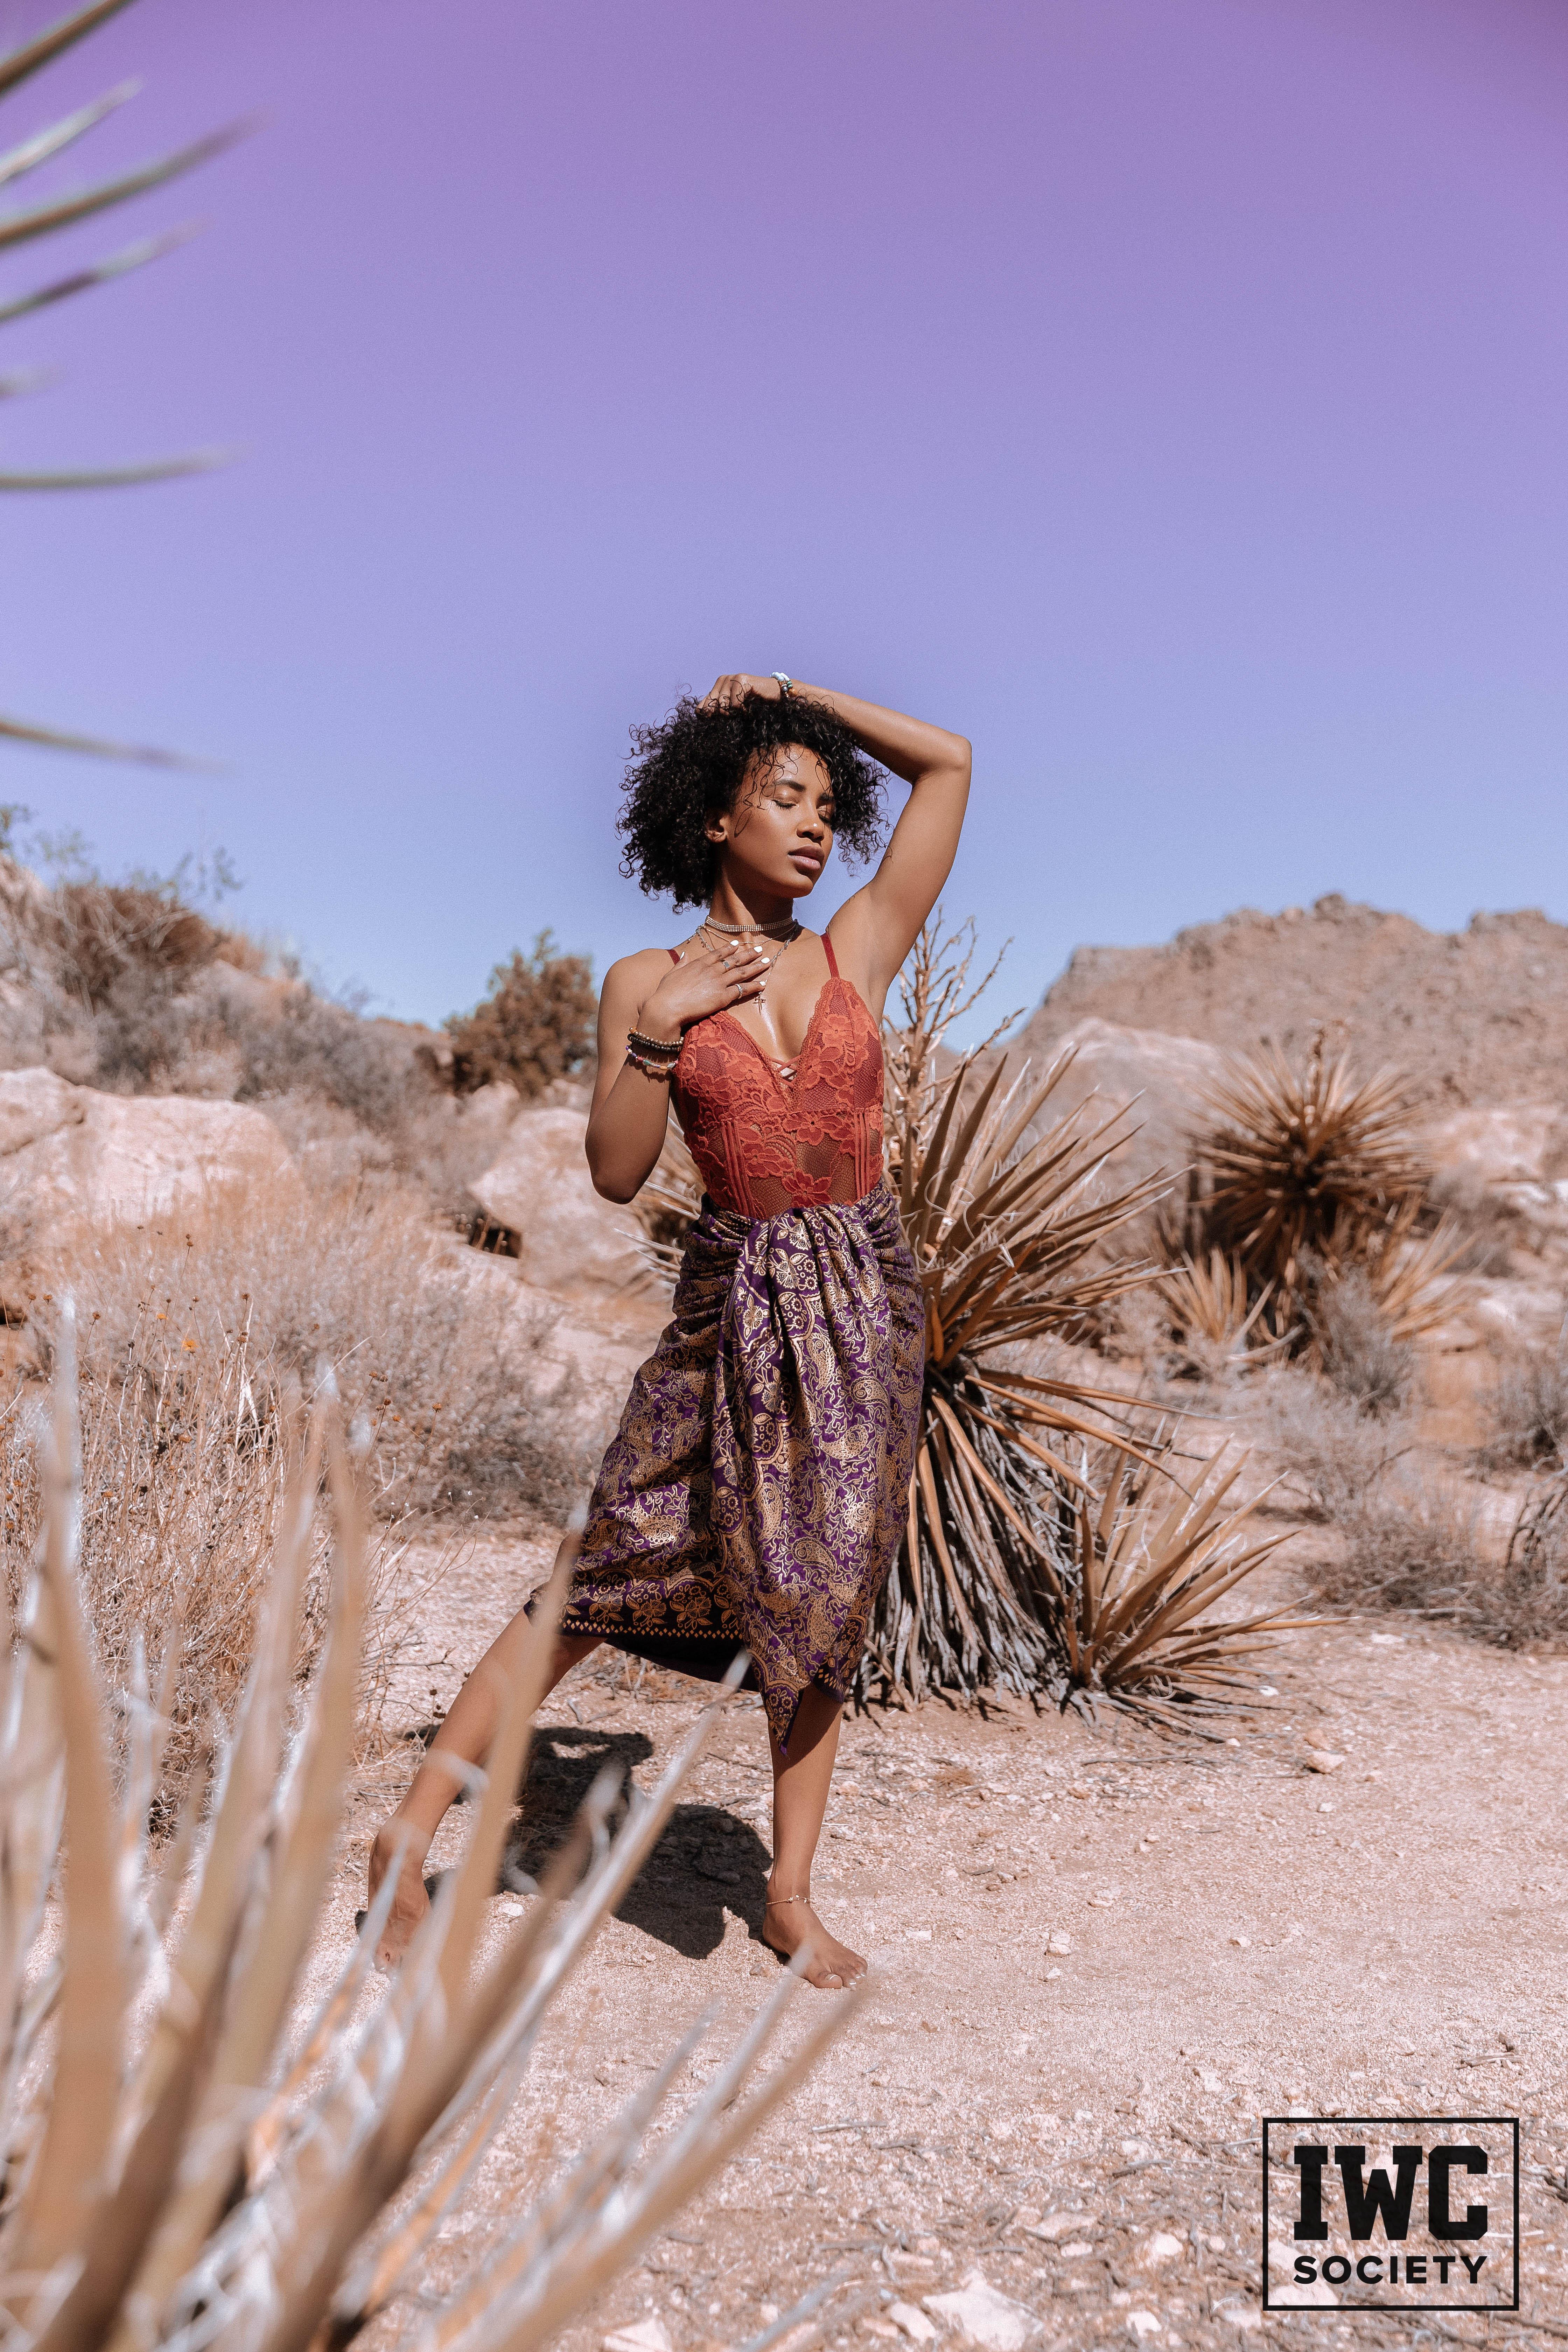 demi sutra barefoot in desert in skirt